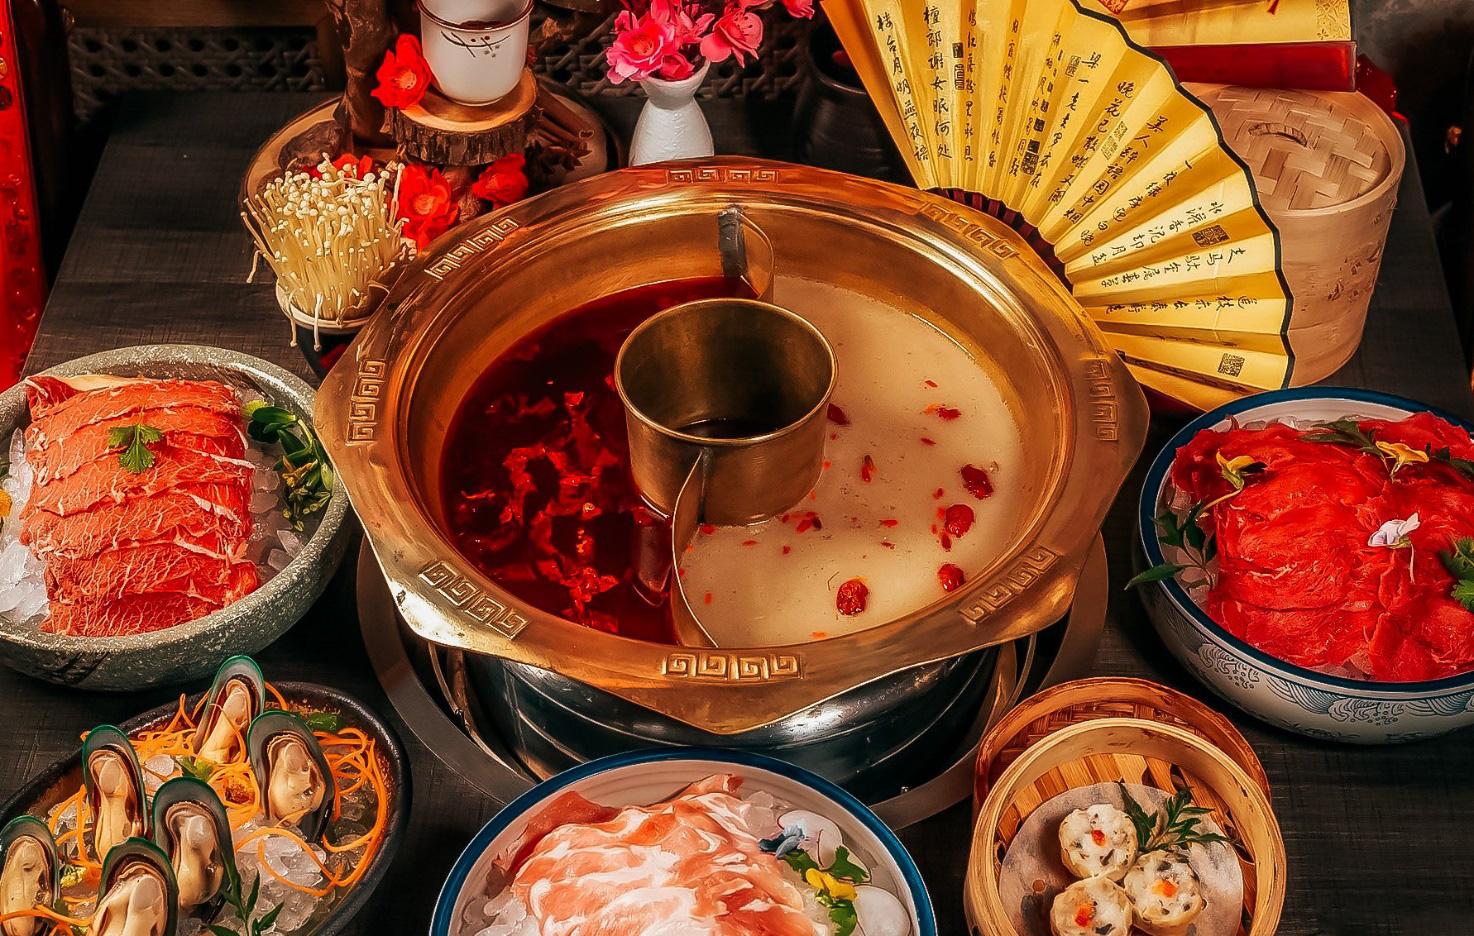 Khám phá tinh tế ẩm thực Trung Hoa giữa phố đi bộ Nguyễn Huệ tại MISTER LAI KITCHEN - Ảnh 6.